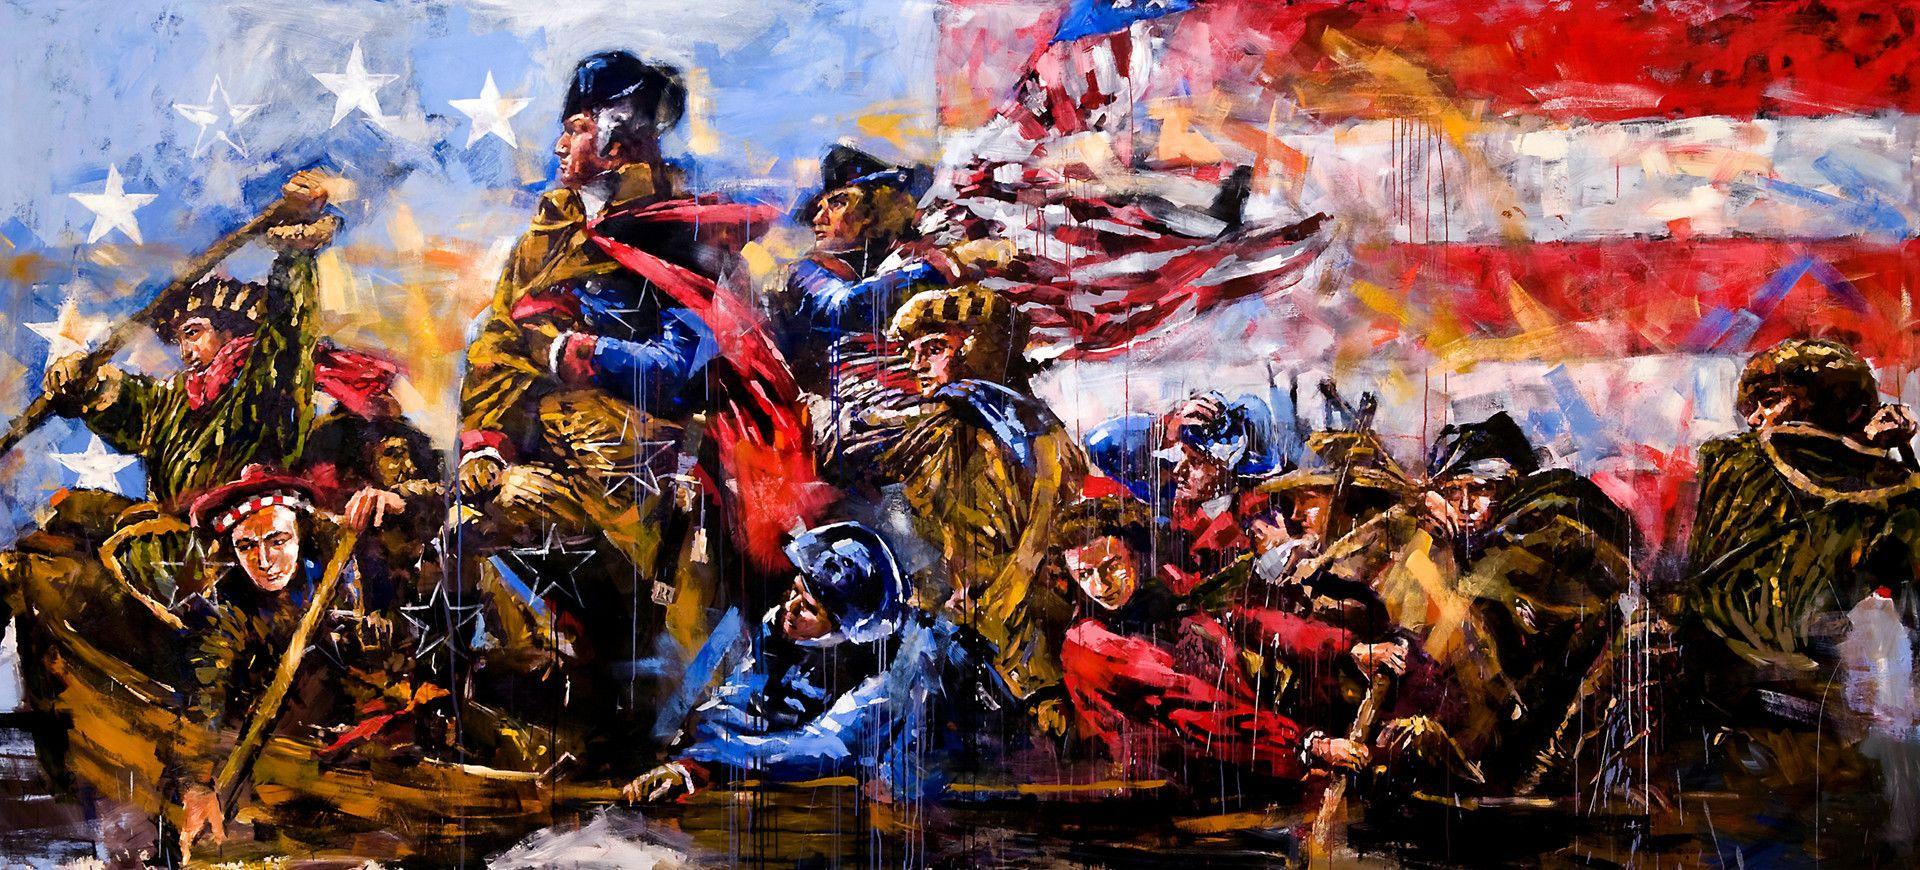 Pin By K Lowe On Presidents Art Steve Penley Painting